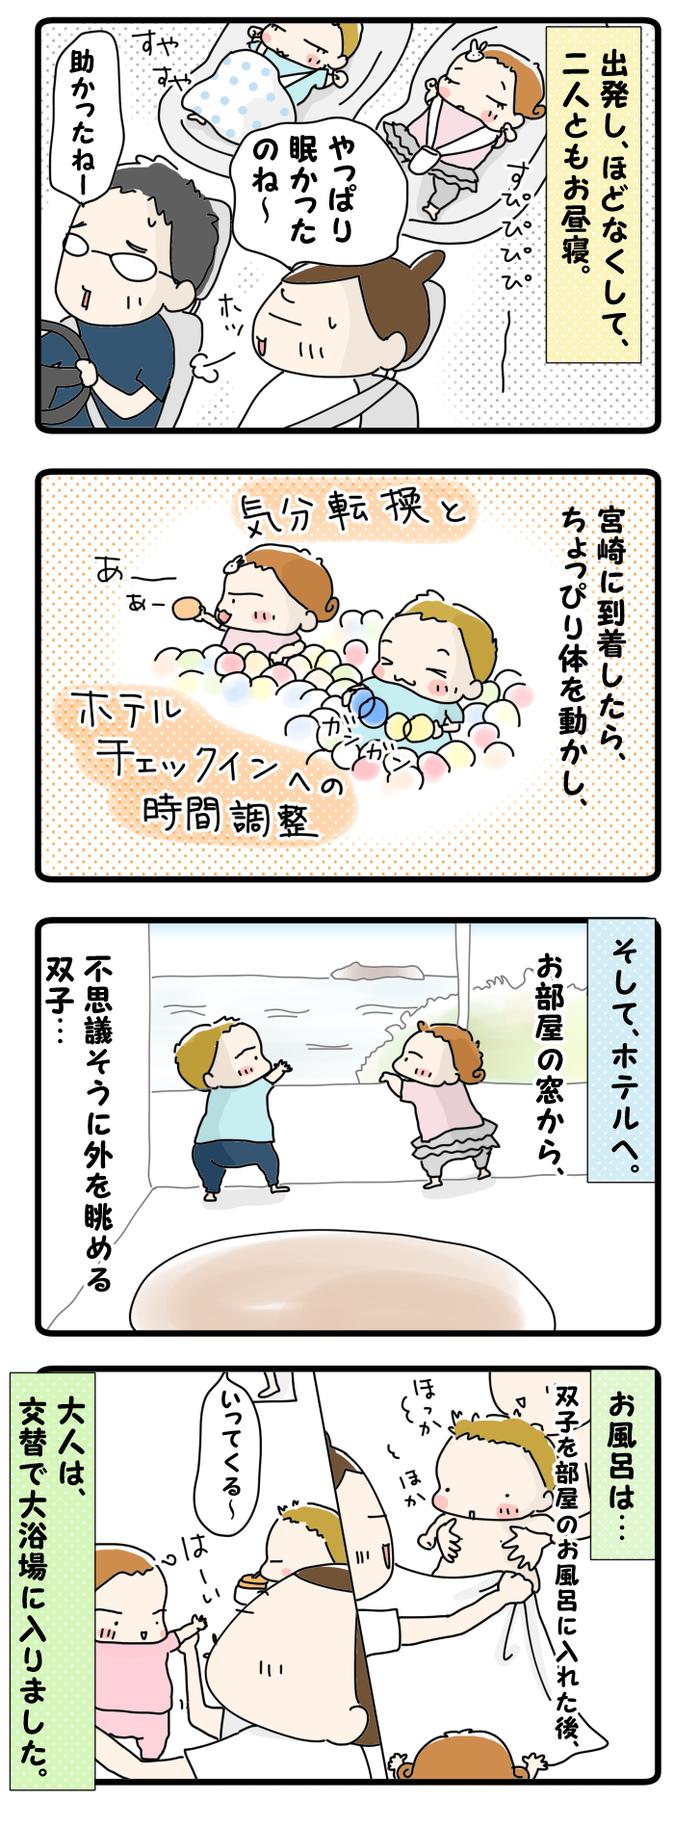 お泊まりの醍醐味は大浴場!でも双子のお風呂は…?【No.23】おじゃったもんせ双子 初旅行シリーズ4の画像1